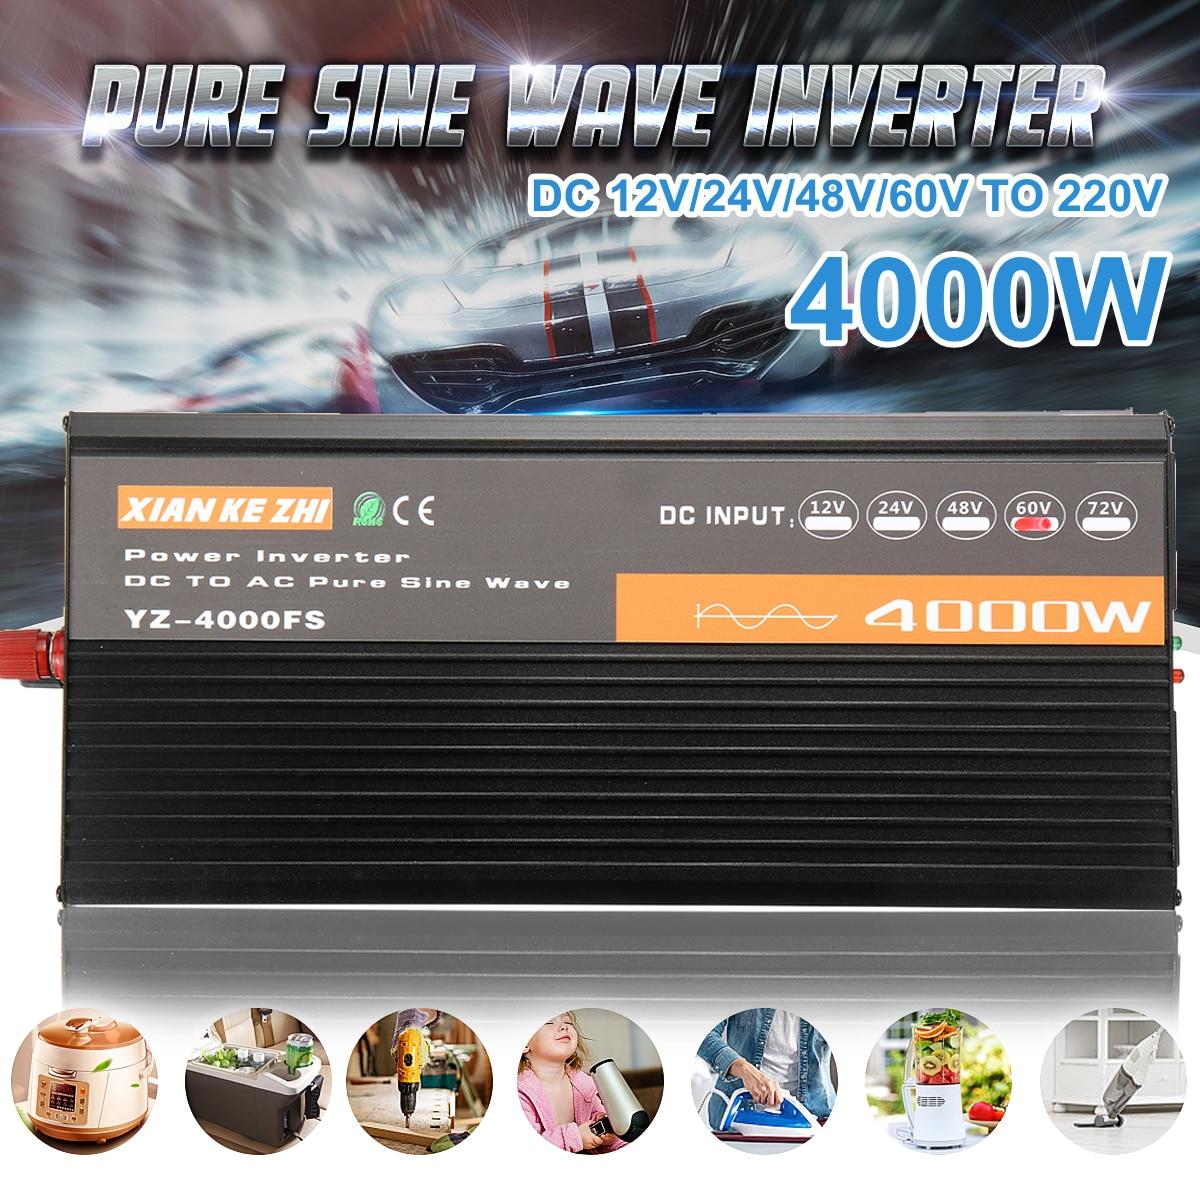 4000W Spannung transformator reine sinus solar power inverter DC 12V 24V 48V 60V zu AC 220V LCD/Led-anzeige